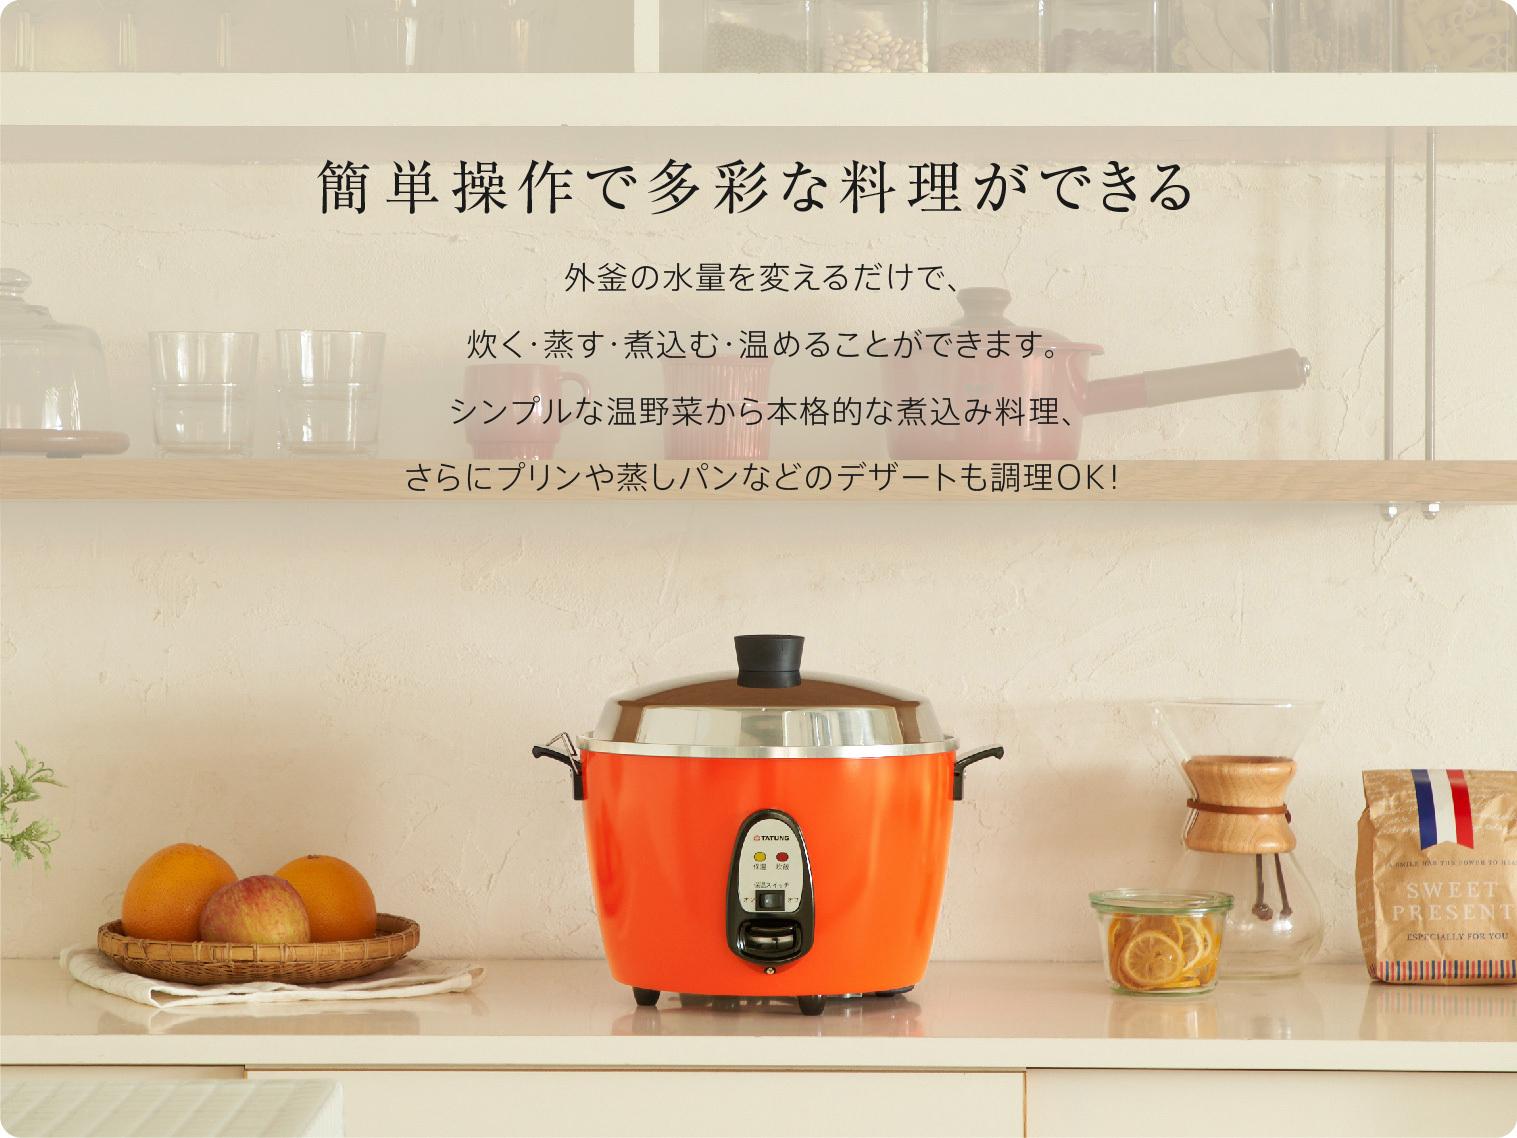 台湾を代表する万能調理家電水を注いでスイッチを押すだけで 炊く、蒸す、煮込む、温める 大同電鍋公式販売店ー 10合 Lサイズ 外釜アルミ製(赤)